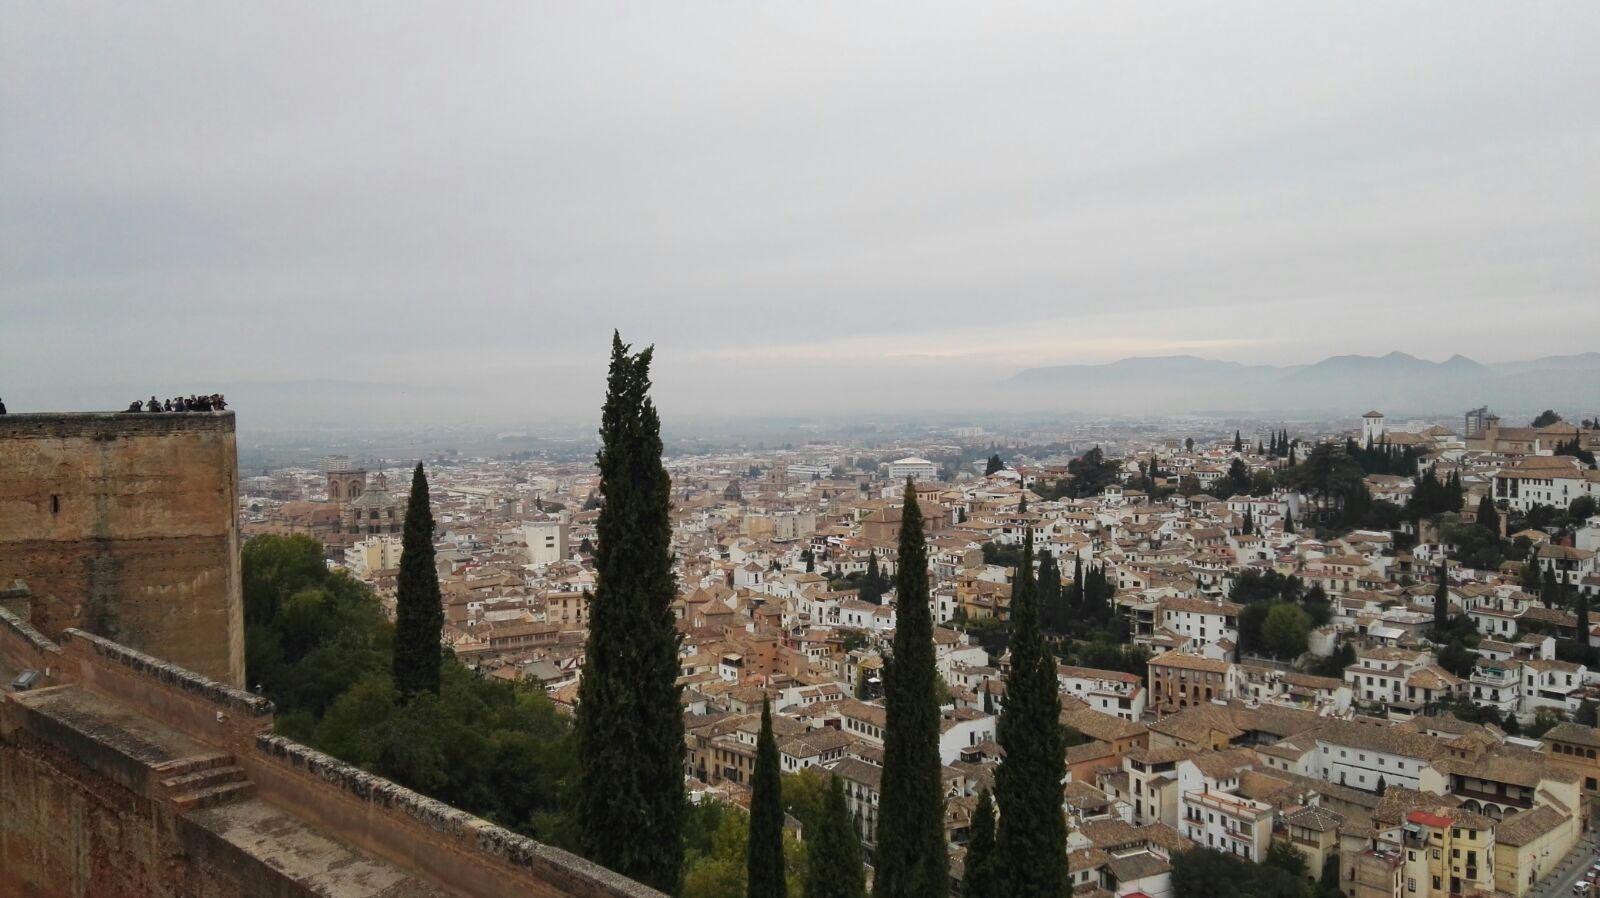 Visita privada conjunta alhambra albayzín